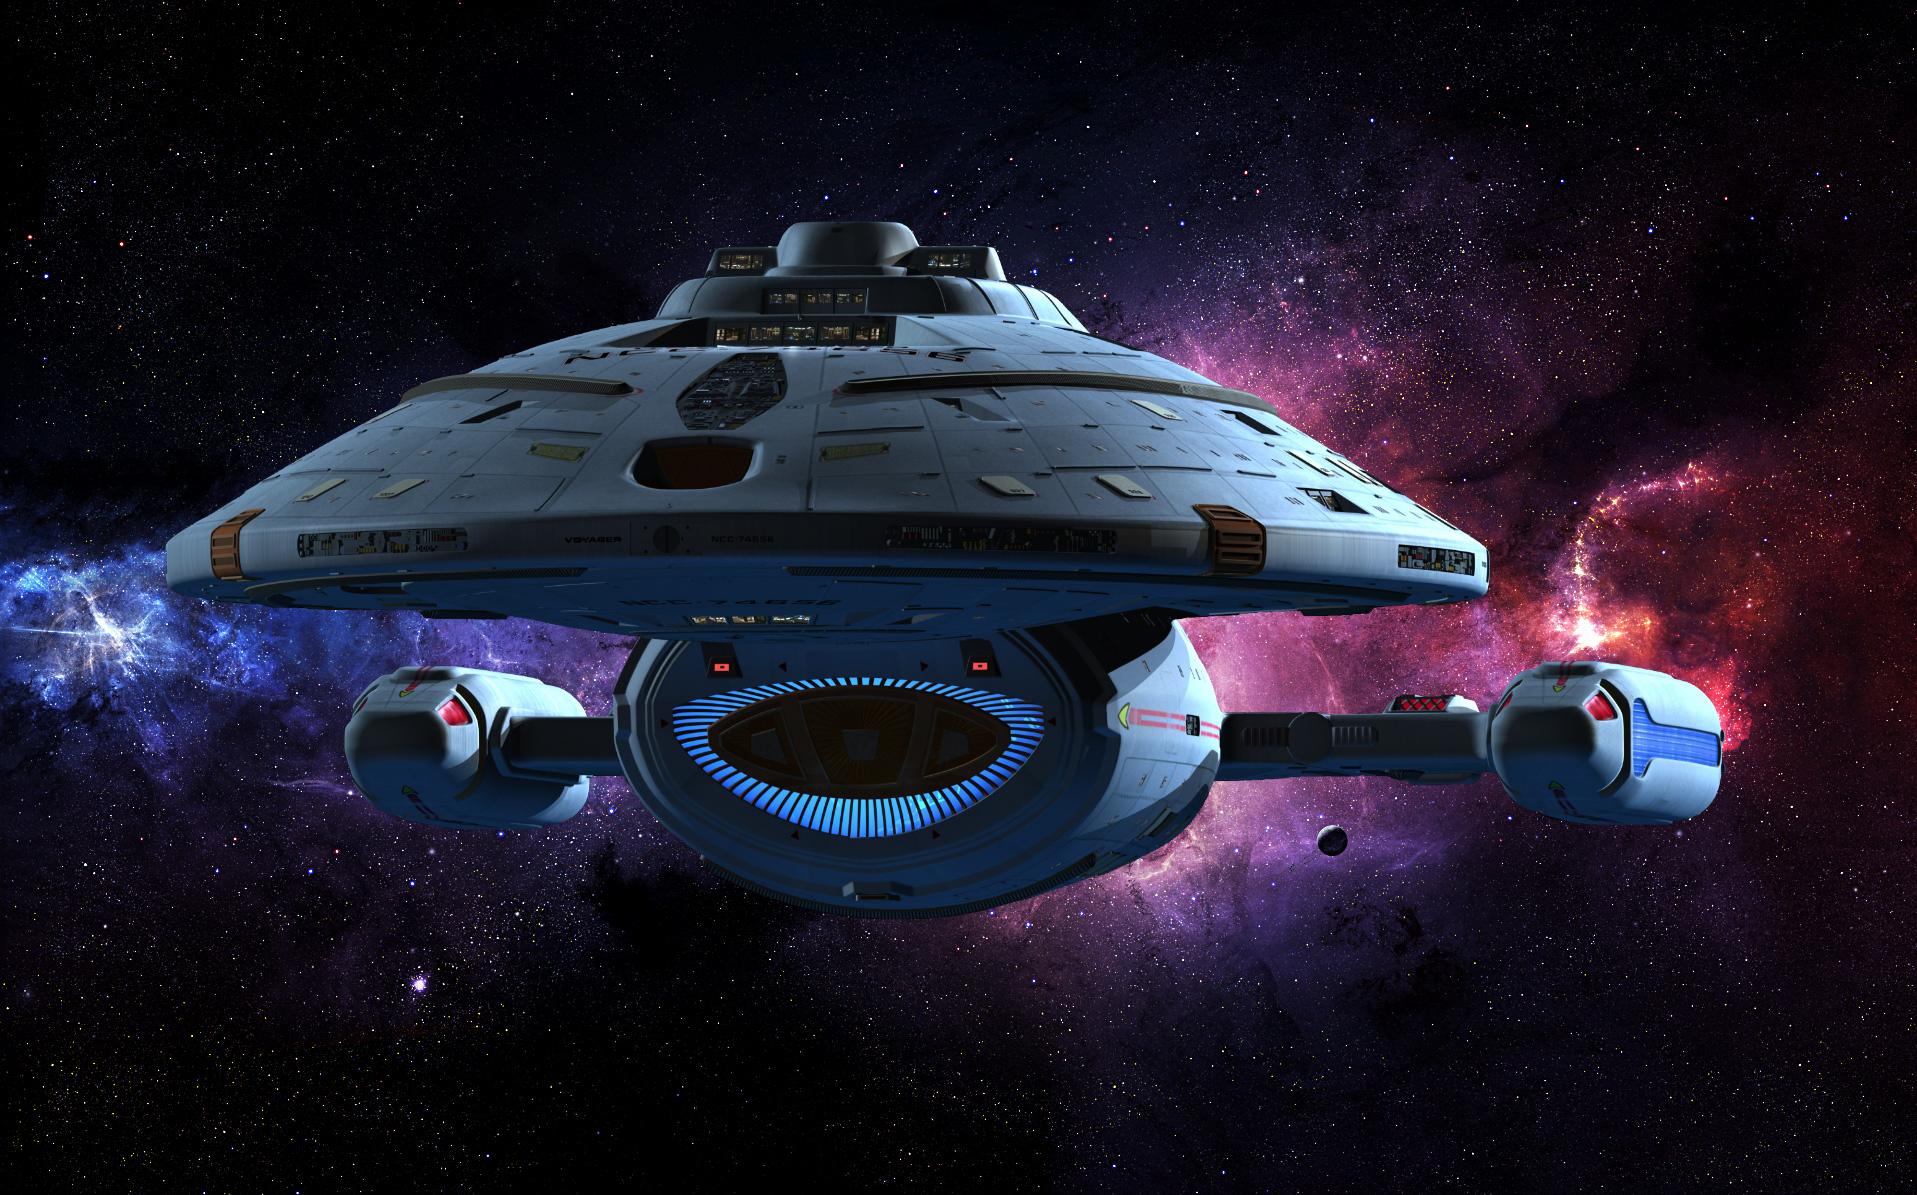 voyager spacecraft computer - photo #32